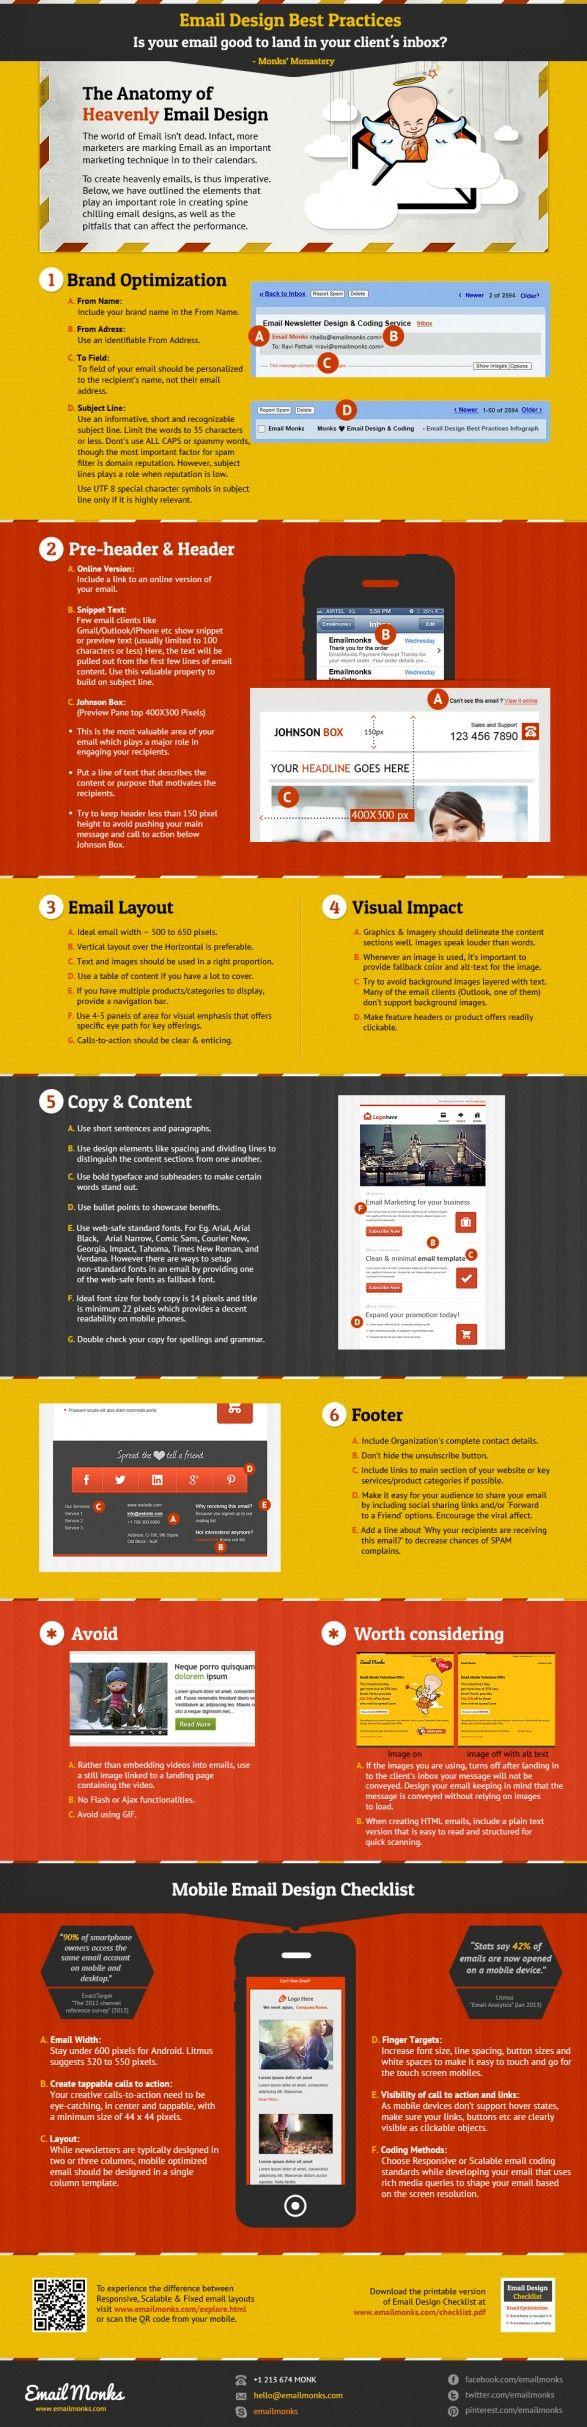 Los Mandamientos de correo electrónico y Newsletter Diseño;  una infografía interactiva y lista de verificación para la creación de mensajes de correo electrónico ejemplares.